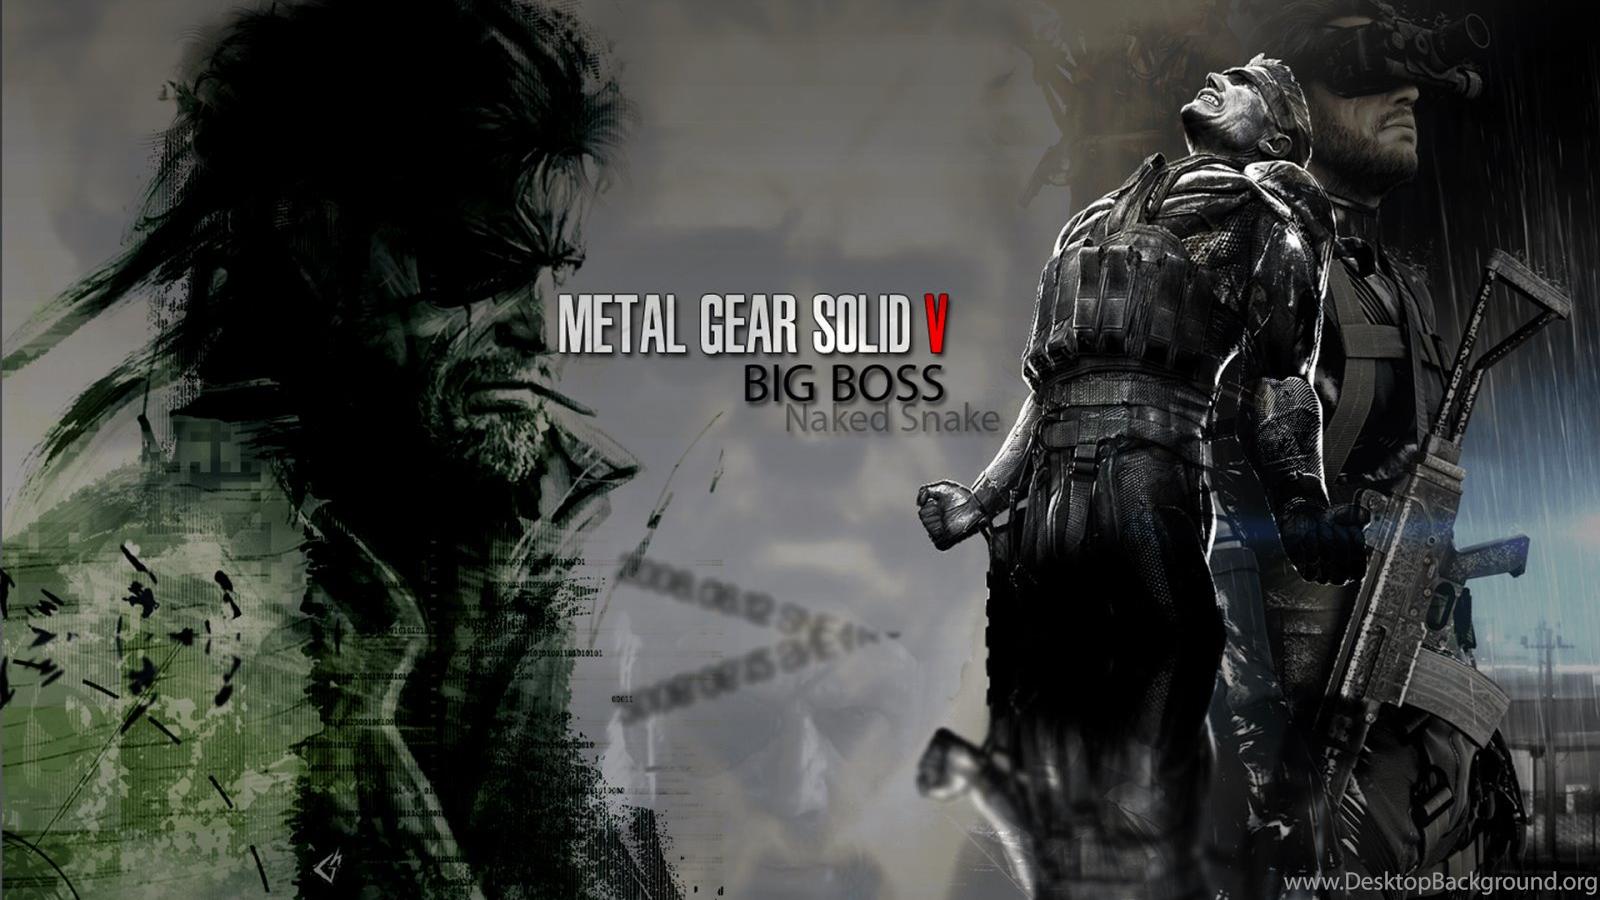 Metal Gear Solid 5 Wallpapers 1920x1080 Wallpaper Desktop Background